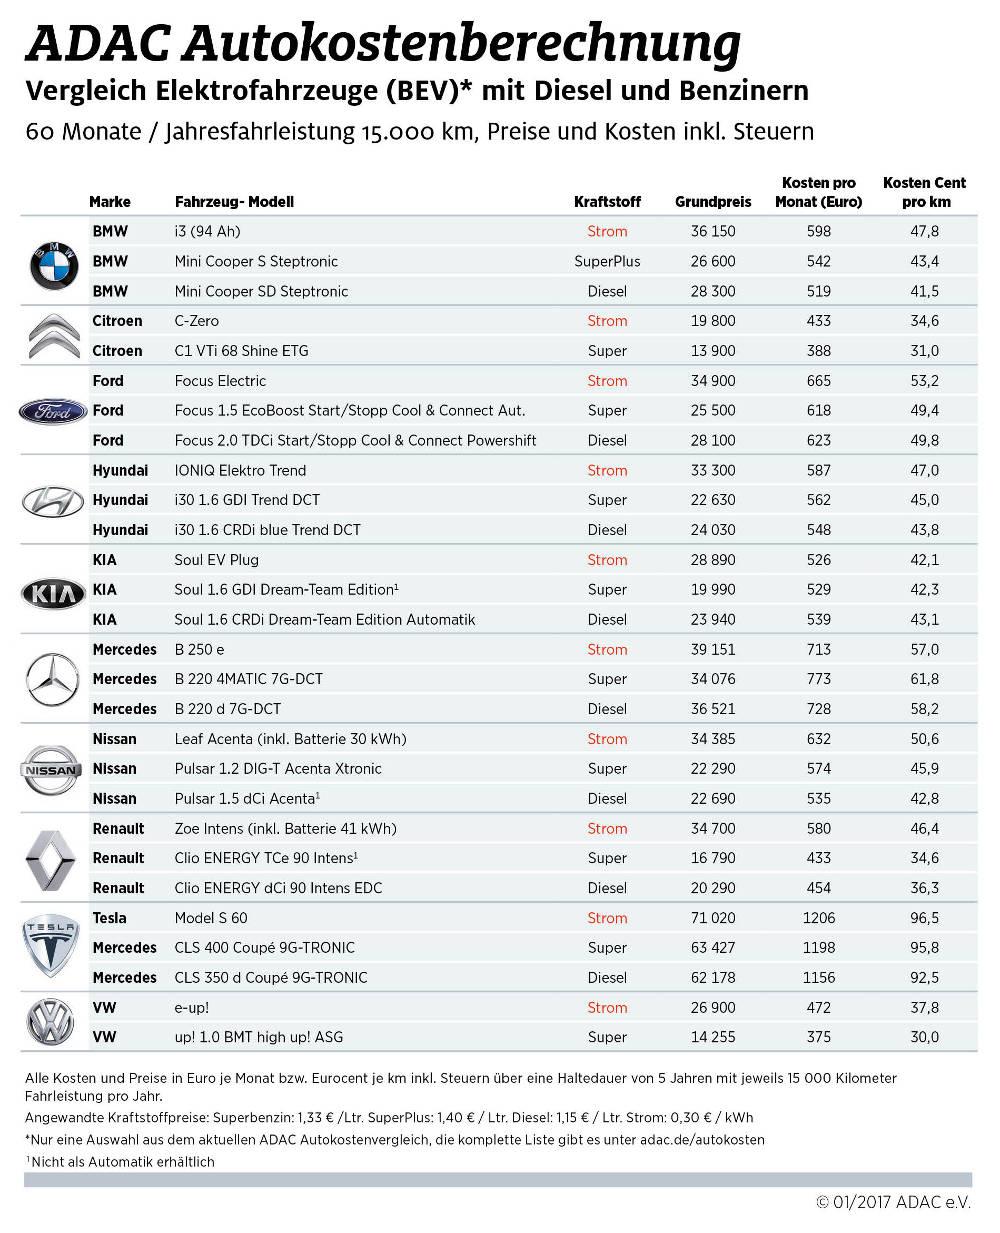 ADAC Autokostenvergleich 2017 Benziner Diesel Elektroautos